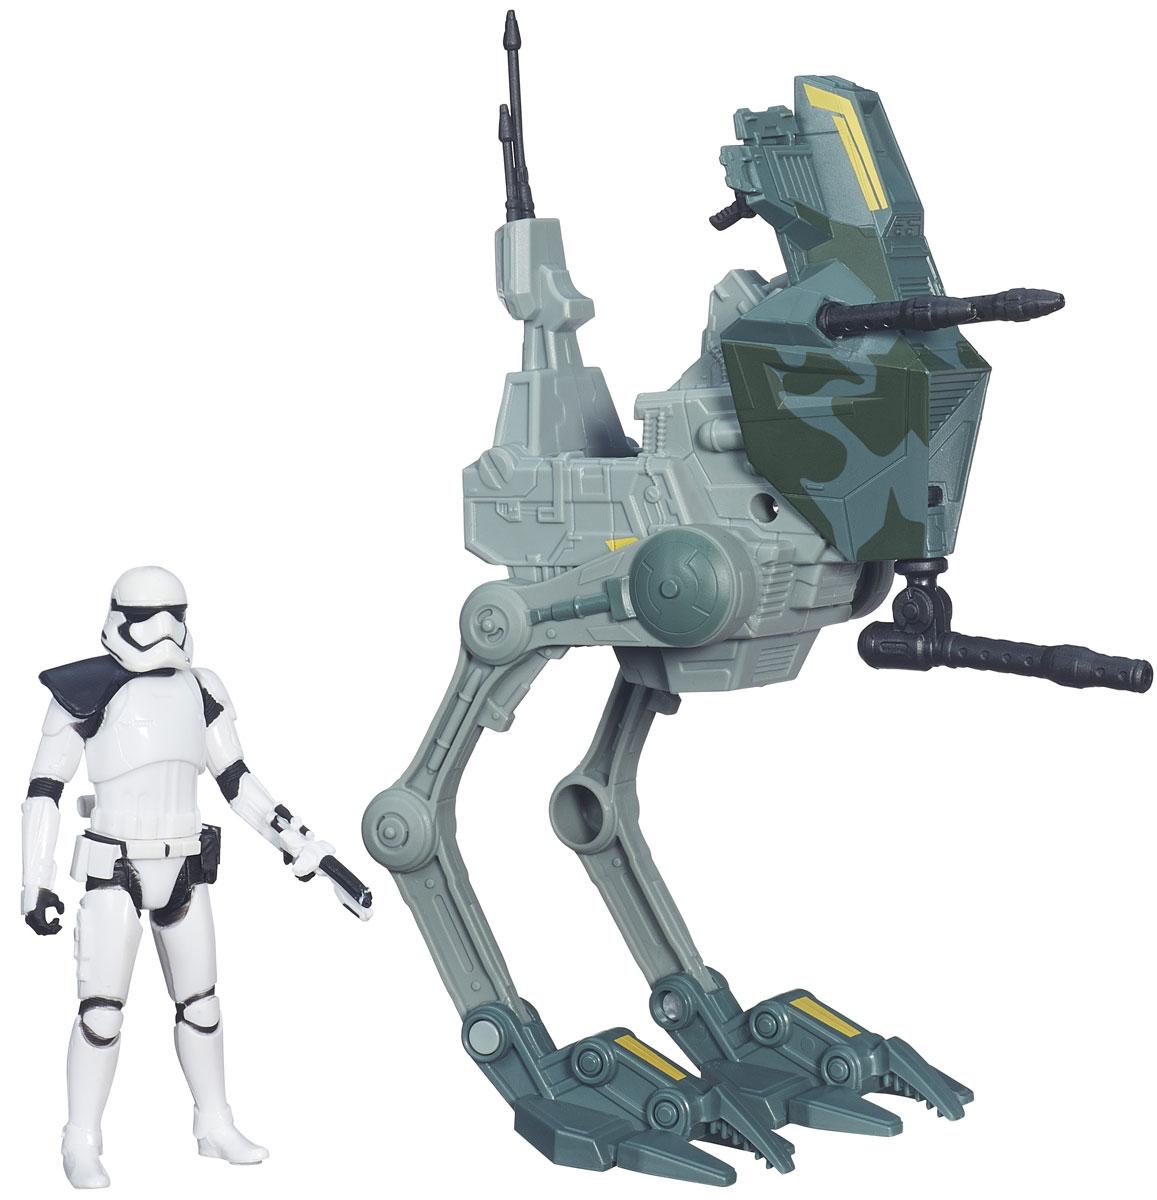 Star Wars Игровой набор Assault Walker & Stormtrooper SergeantB3716EU4Игровой набор Star Wars Assault Walker & Stormtrooper Sergeant не оставит вашего ребенка равнодушным! Он включает в себя точный макет боевого дрона из фильма Звездные войны и фигурку Snowtrooper с оружием. Фигурка может разместиться на специальном сиденье в космическом дроне, и передвигаться на нем. Создай свой галактический флот Звездных войн и восстанови самые эпичные сражения из нового эпизода саги. Ребенок сможет часами играть с этим набором, придумывая разные истории. Порадуйте его таким замечательным подарком!